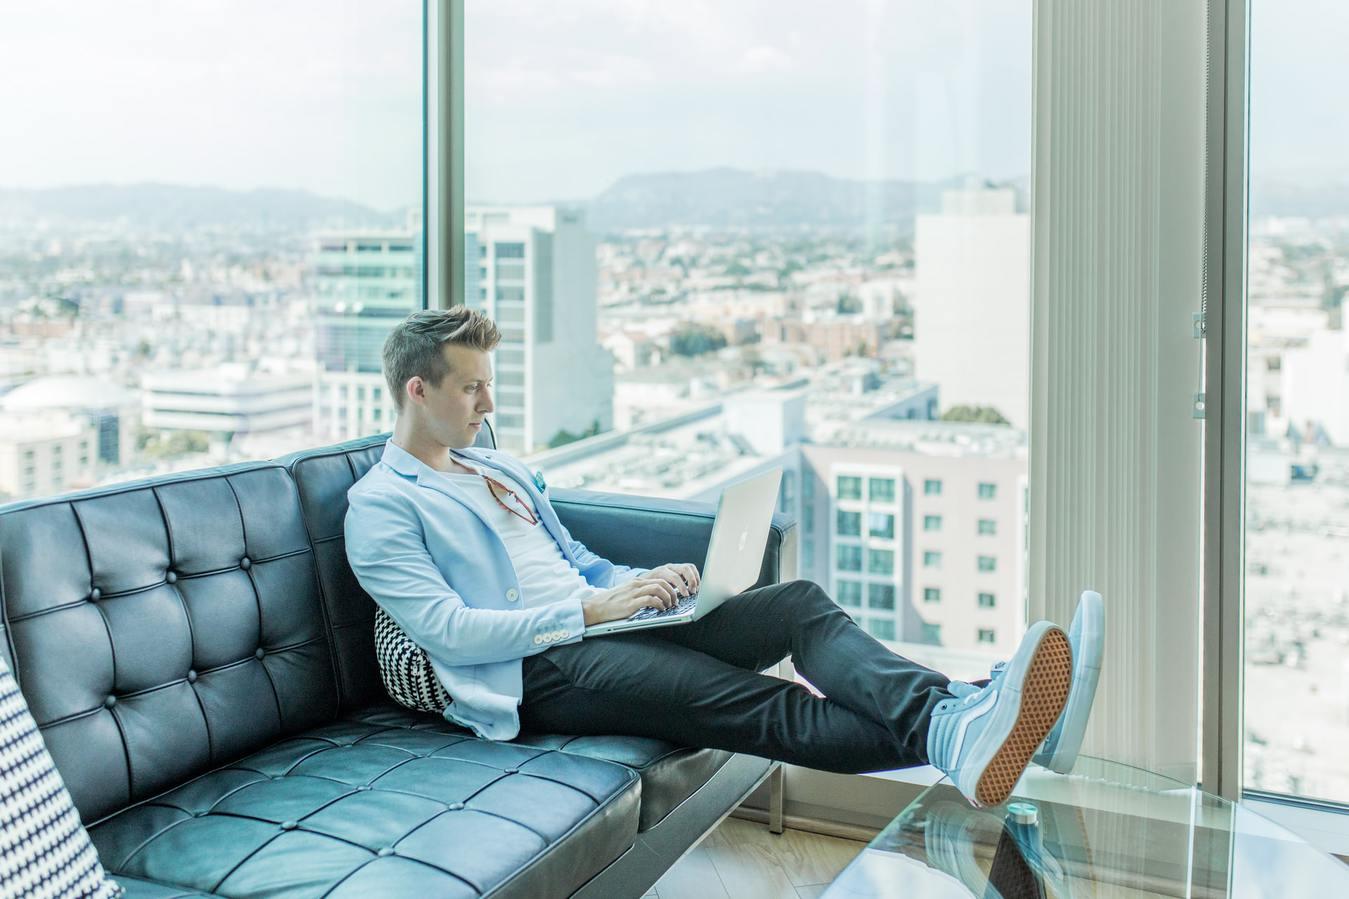 Homem sentado no sofá em um prédio alto, digitando no notebook